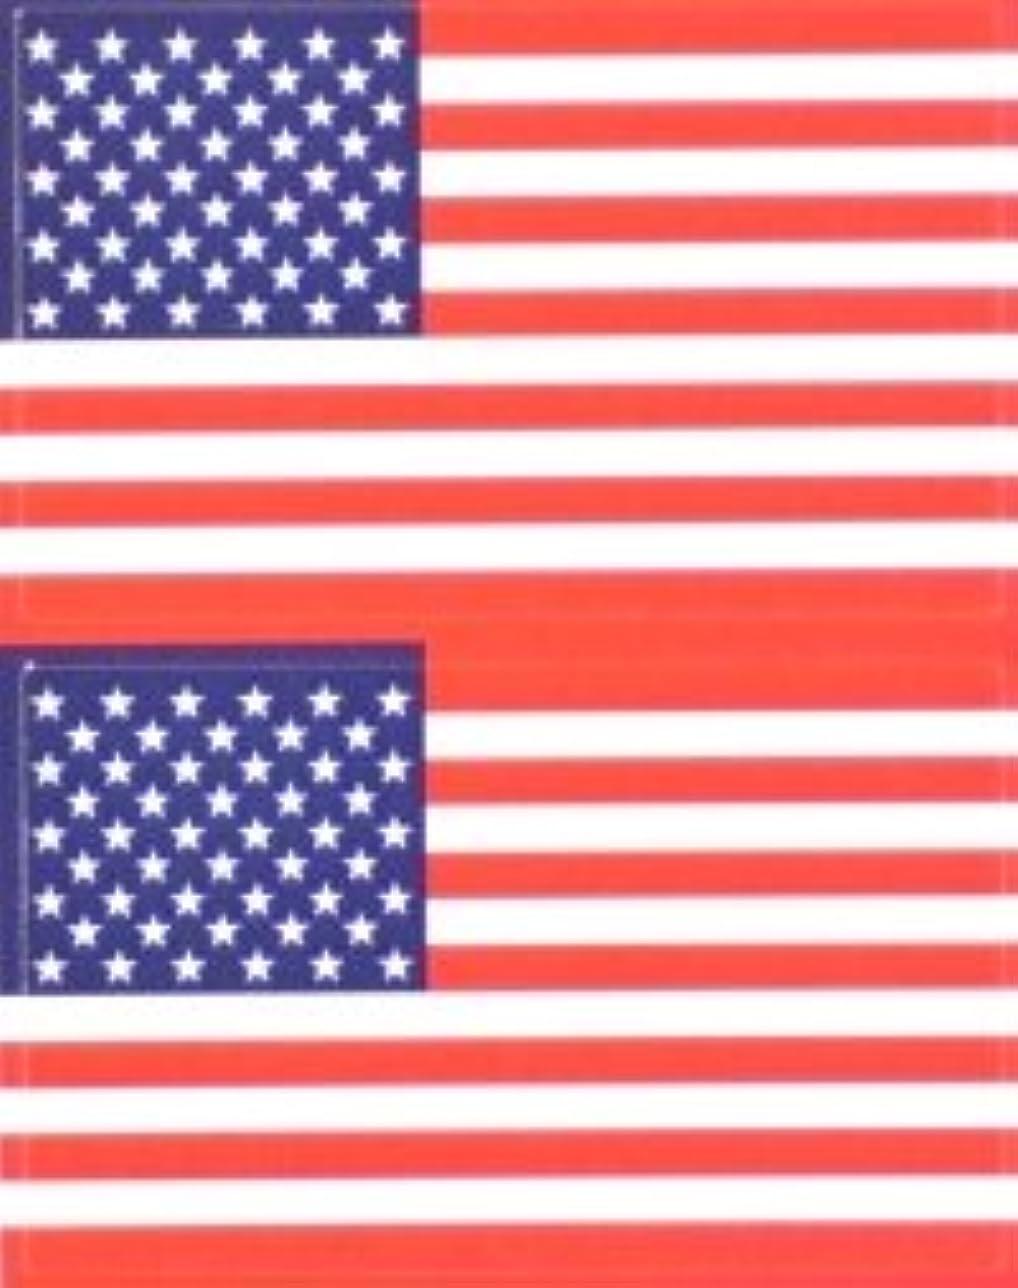 器具驚き指標星条旗(米国旗?アメリカ)★フェイスシール【応援(サポーター)】/1シート2枚組